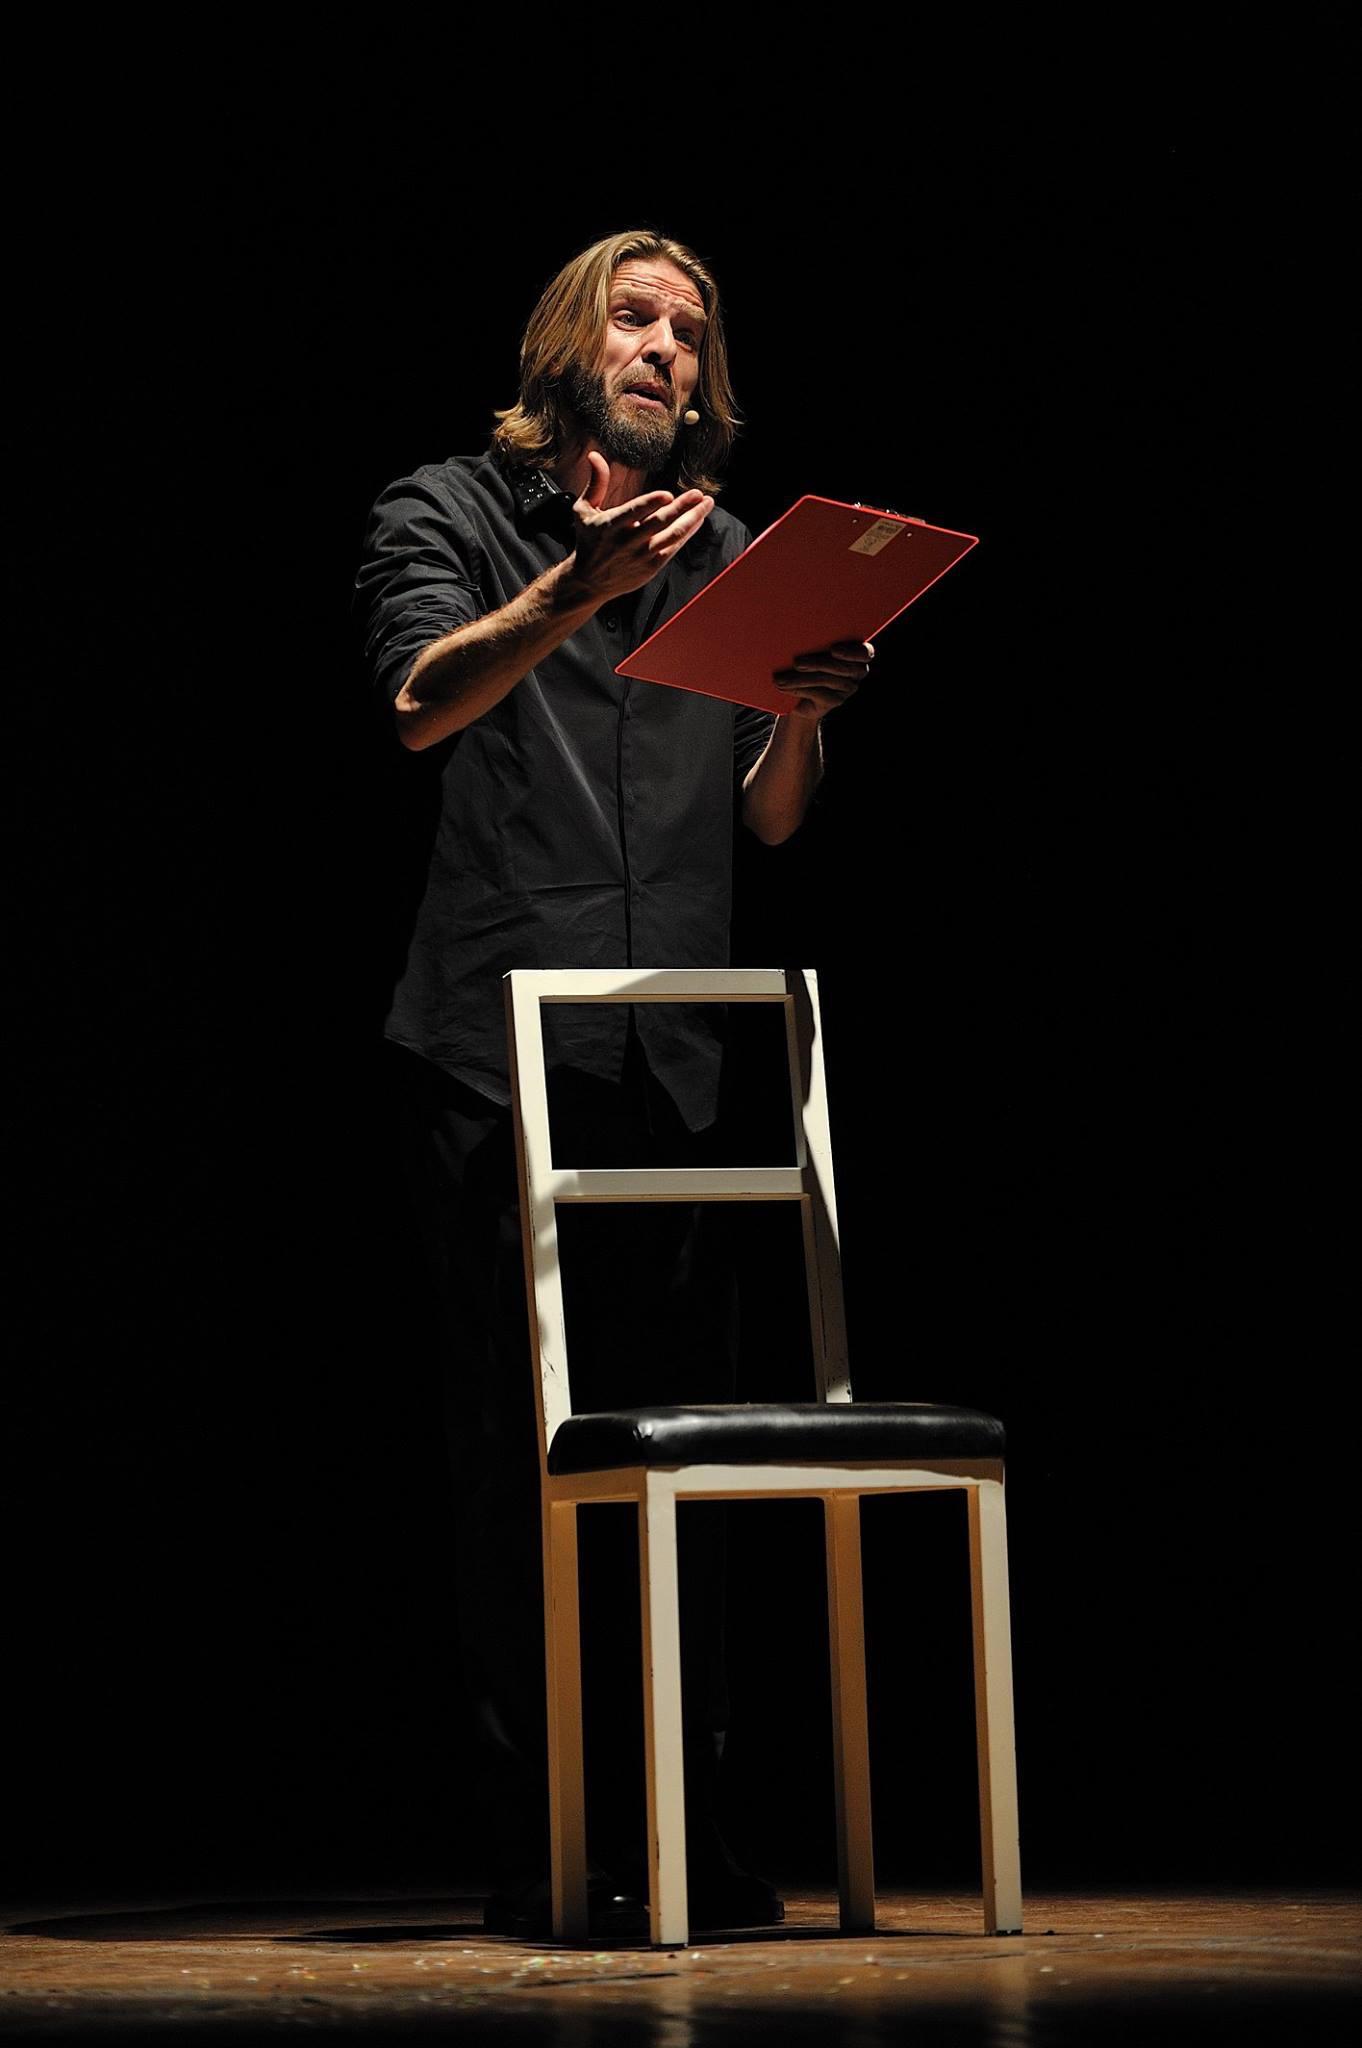 L'écrivain, musicien et acteur Giulio Casale. © Leonardo Arrisi